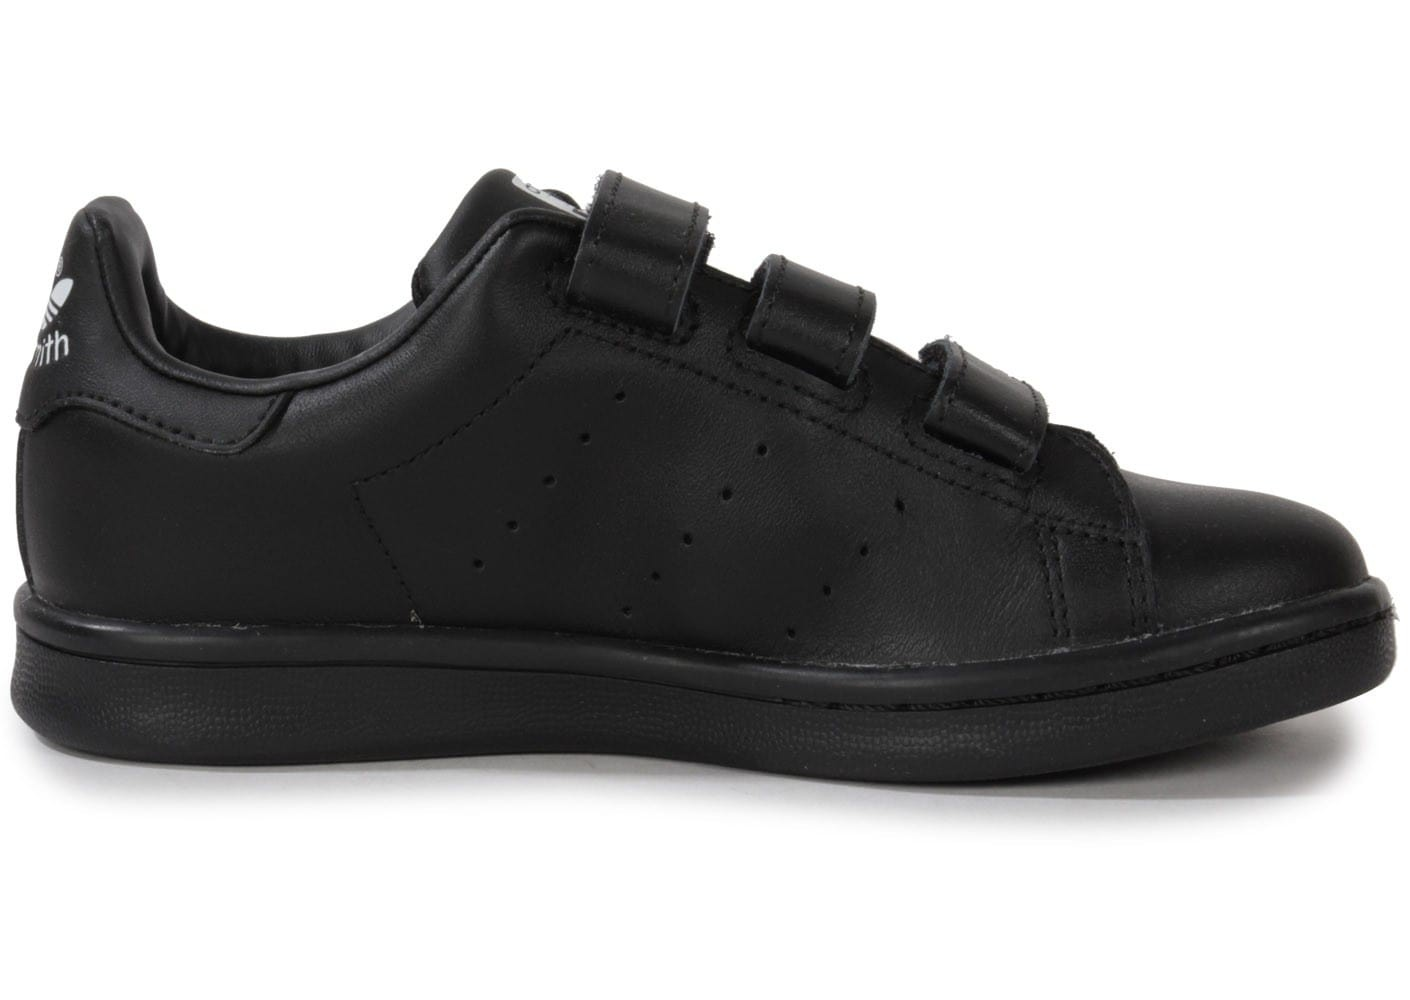 adidas stan smith scratch noir - www.automaty-zdarma.eu